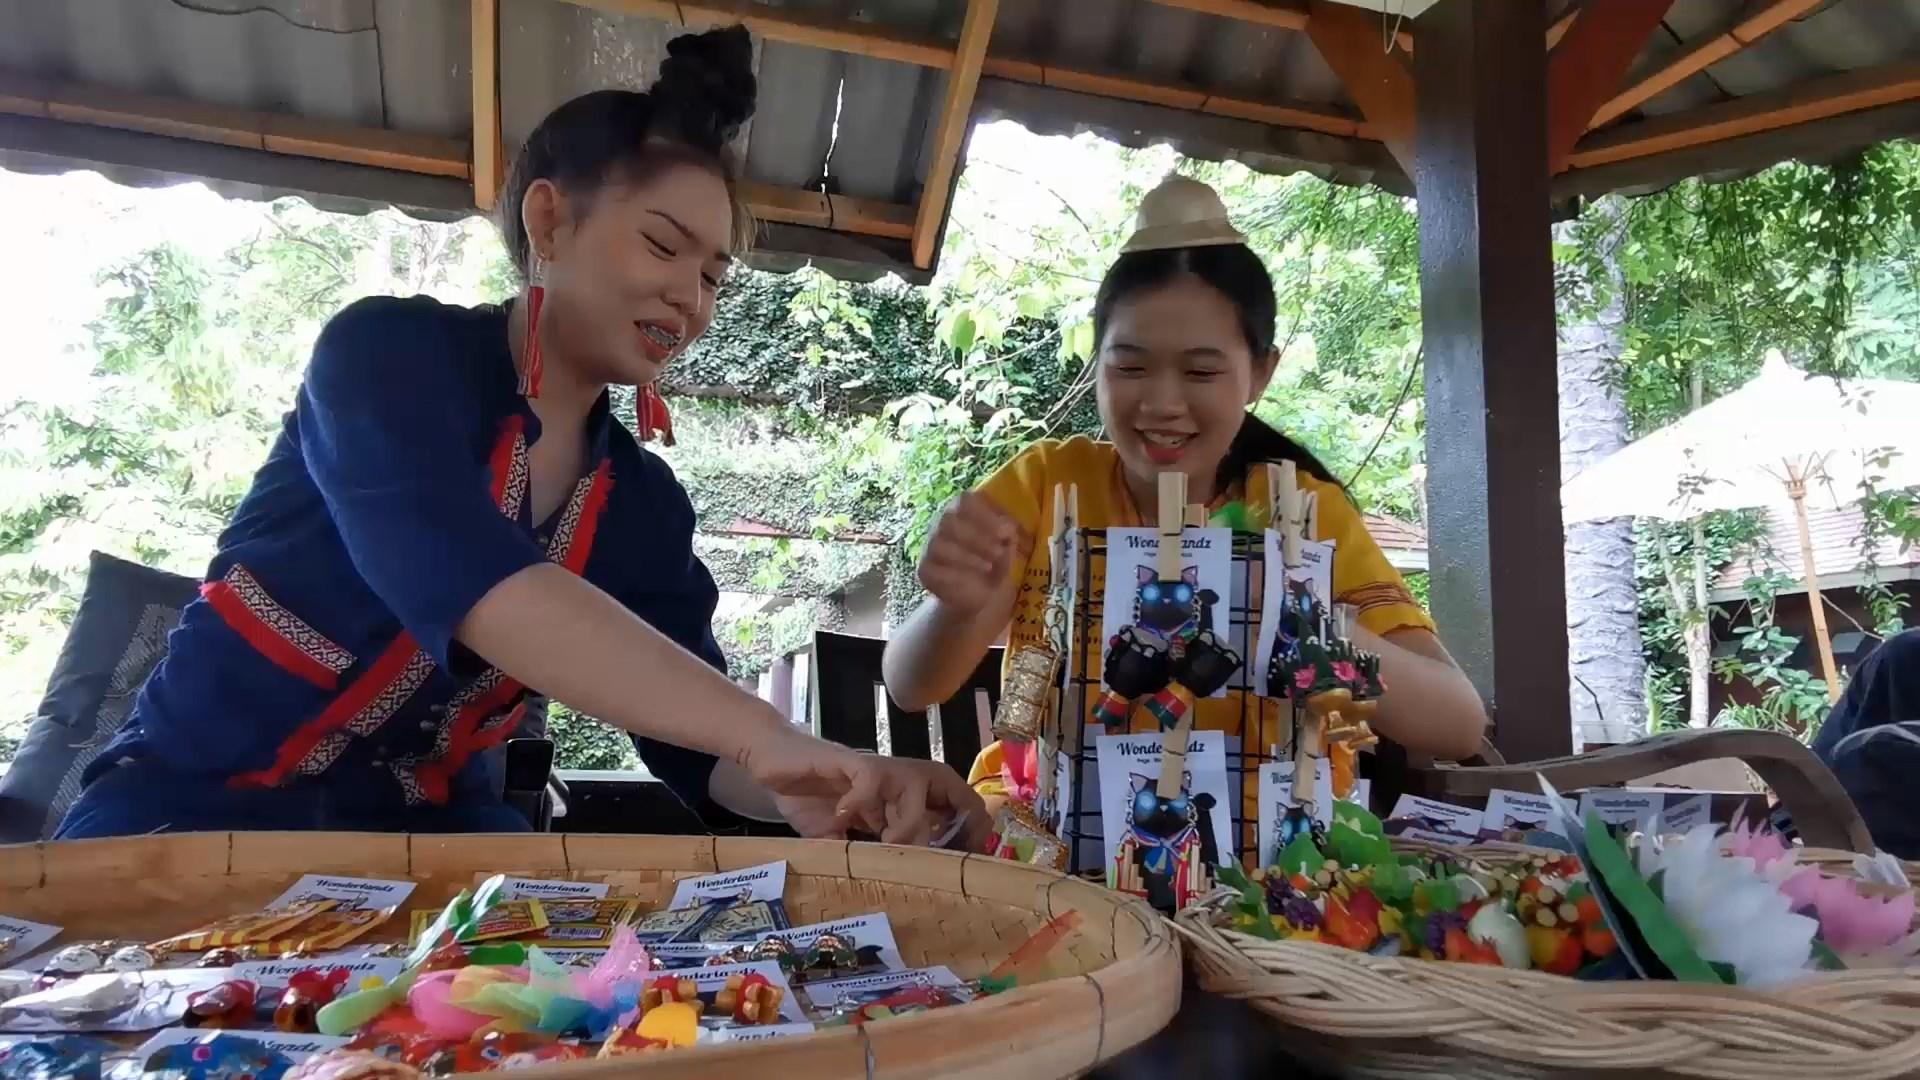 พี่น้องสองสาวเชียงใหม่ไอเดียเก๋สร้างสรรค์ต่างหูแหวกแนวชูเอกลักษณ์ไทยขายออนไลน์ยอดสั่งกระฉูด